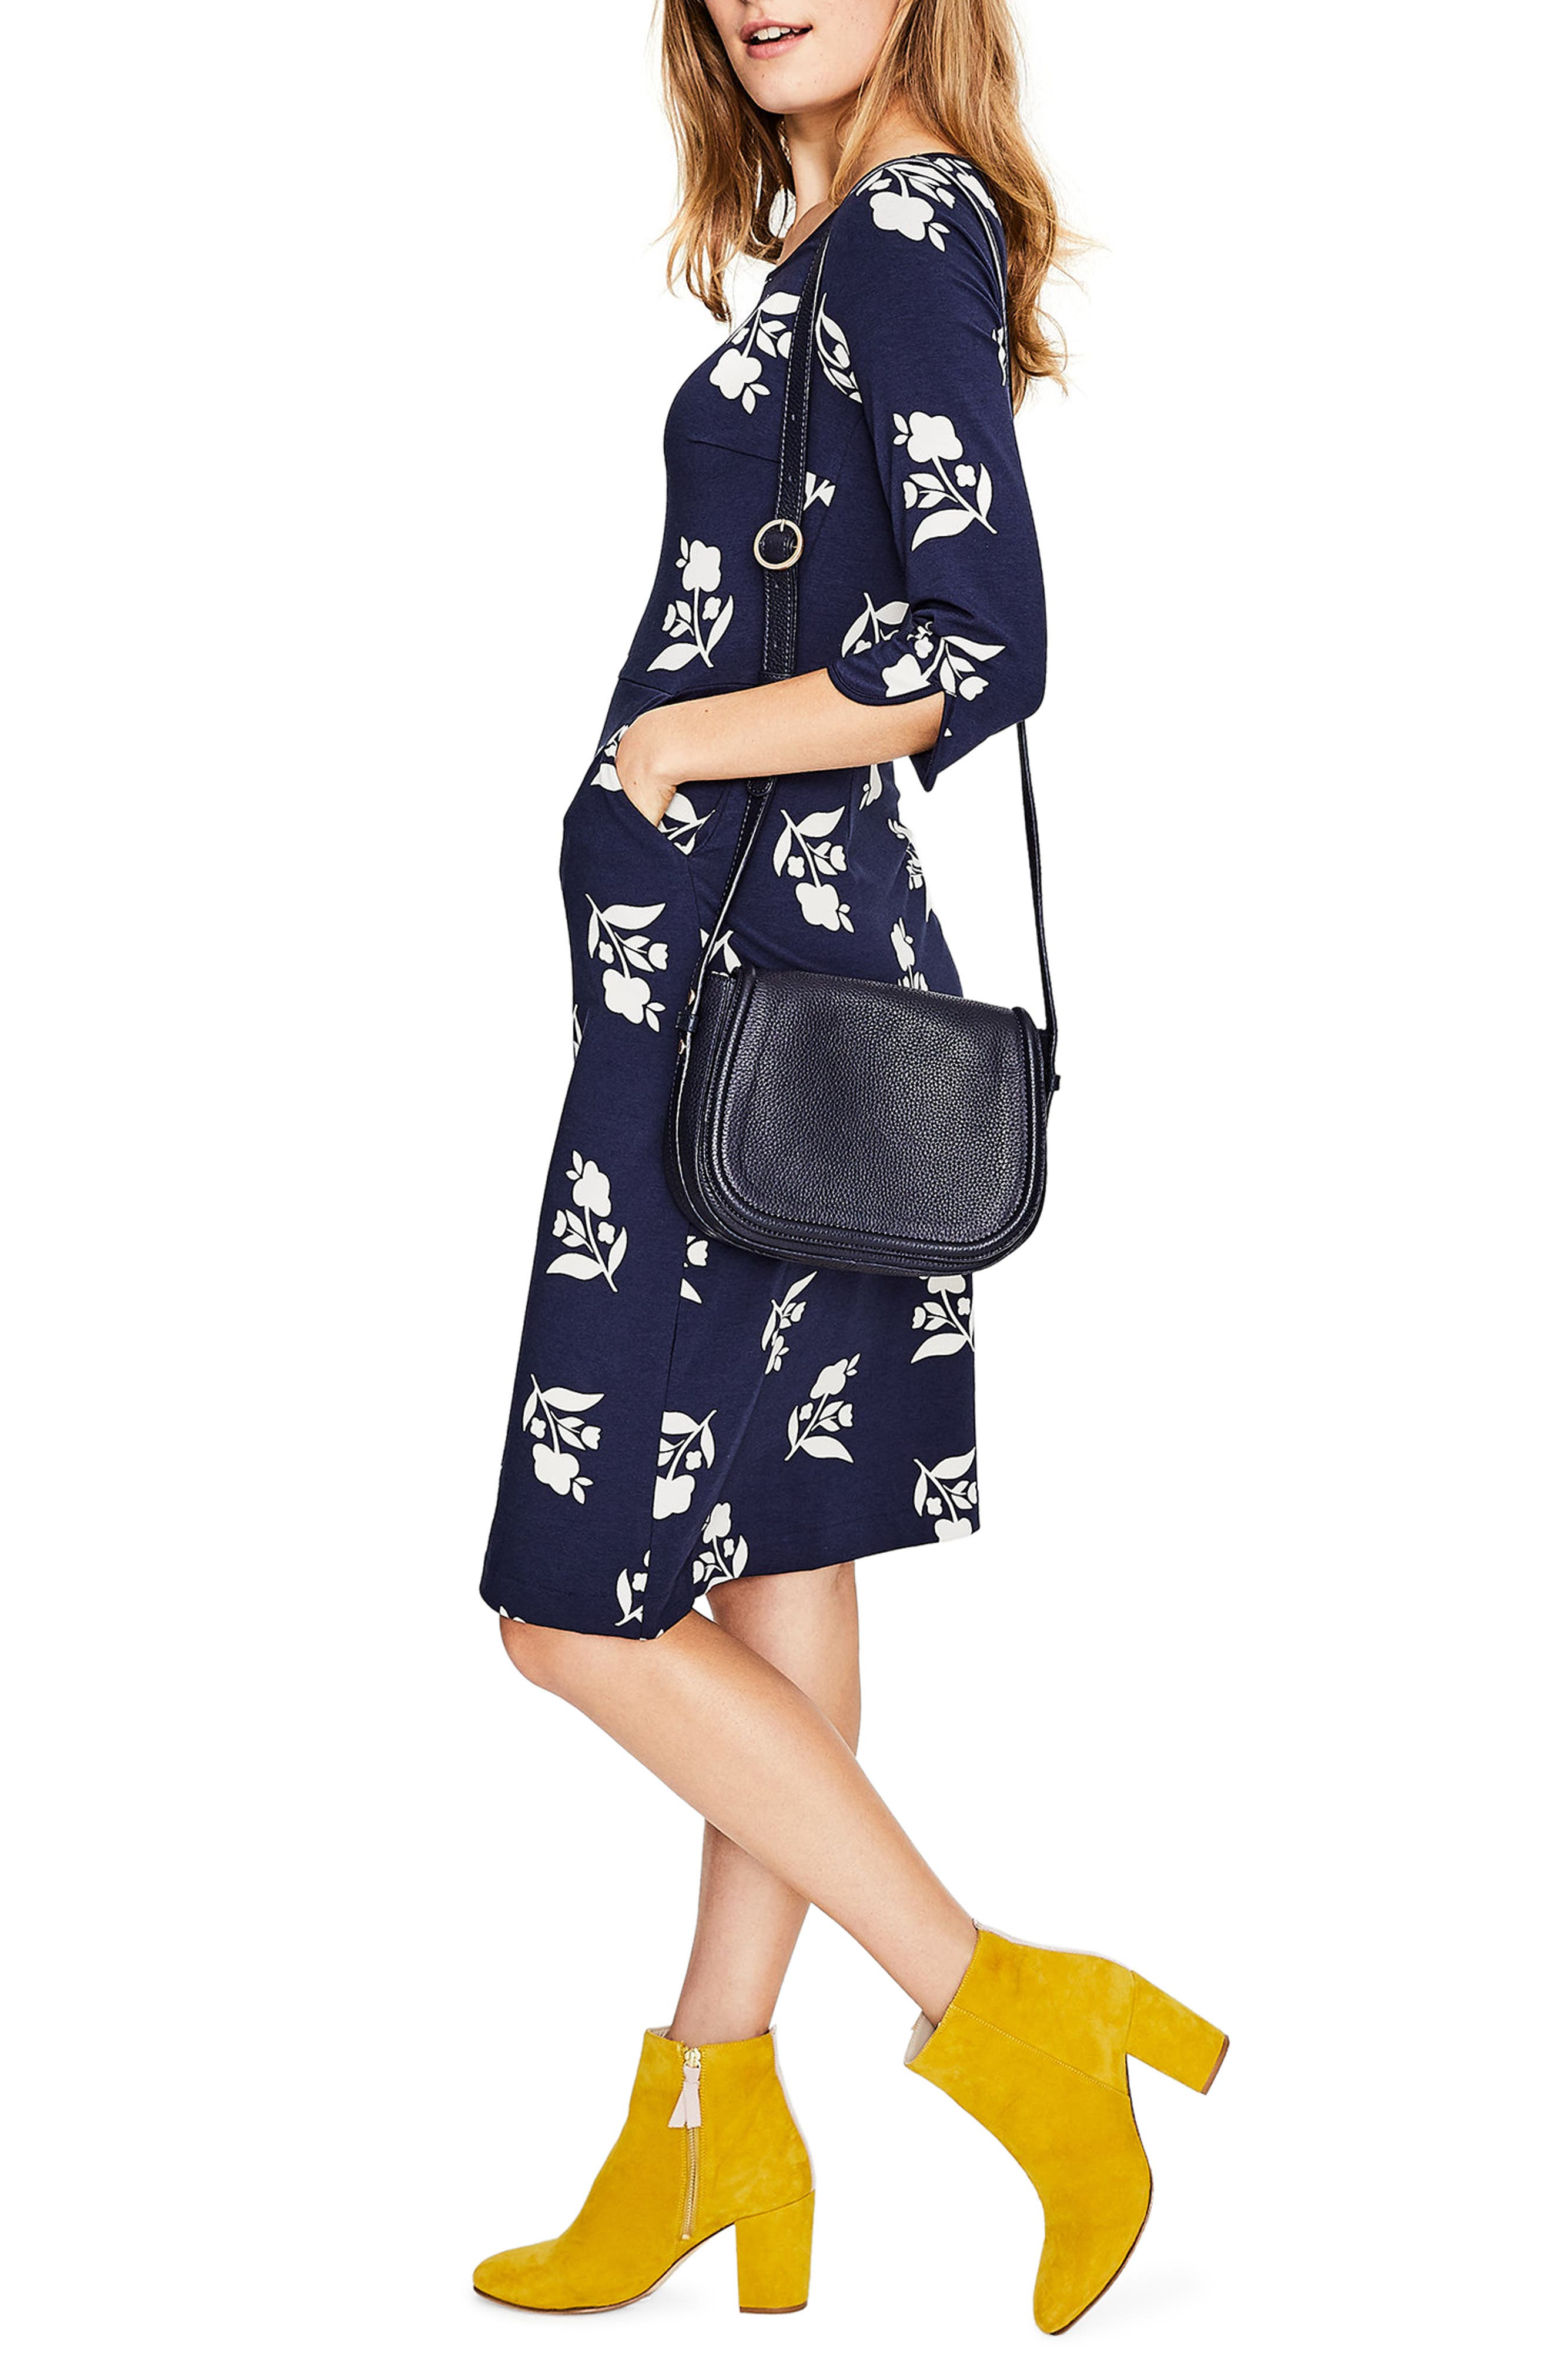 Boden Jessie Jersey Floral Dress